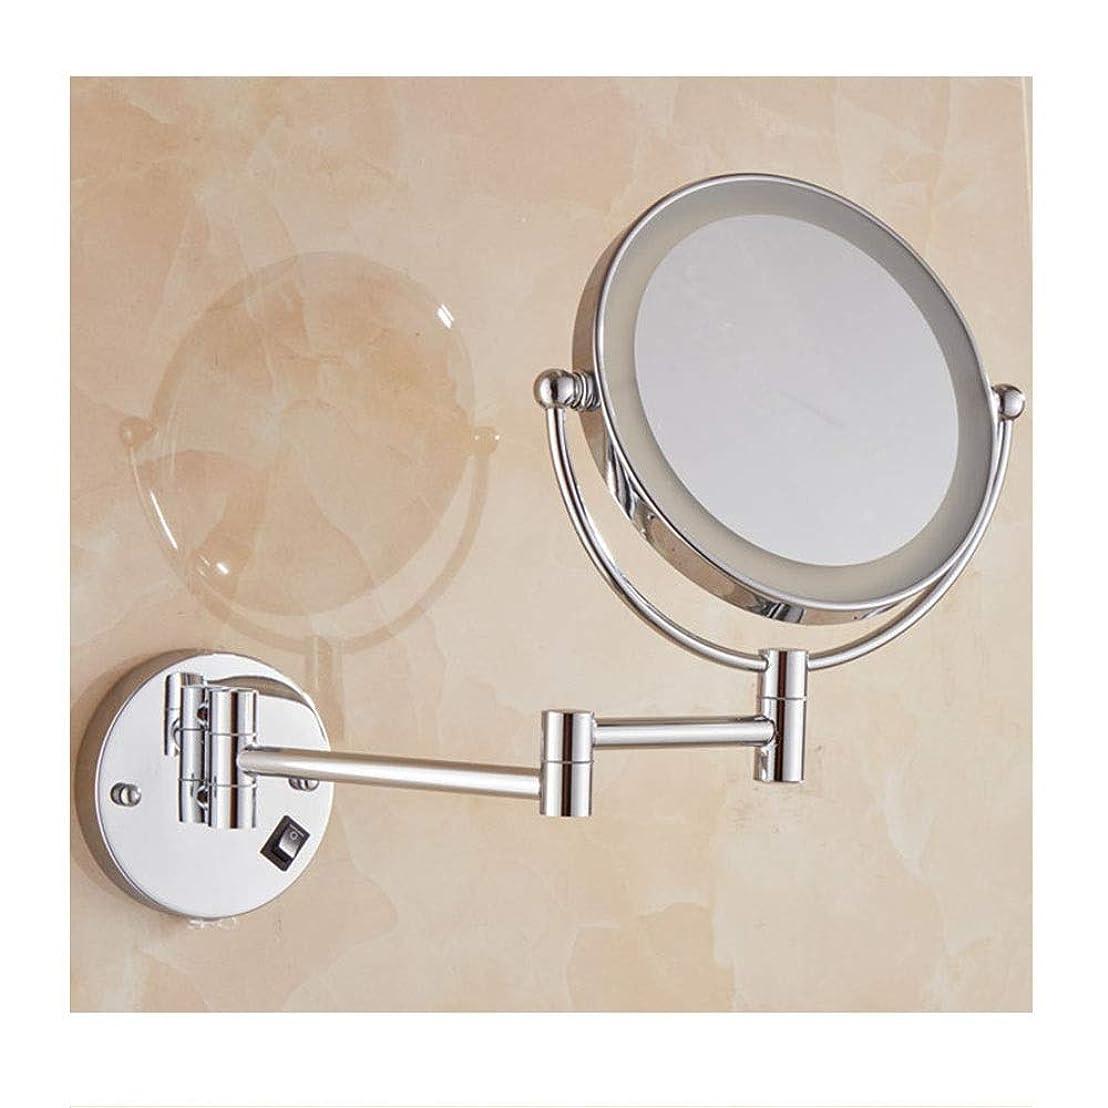 標準請求納税者充電式美容ミラー両面LEDライト拡大壁掛け折りたたみ伸縮ミラーバスルームバスルームバニティミラー (Color : Silver)